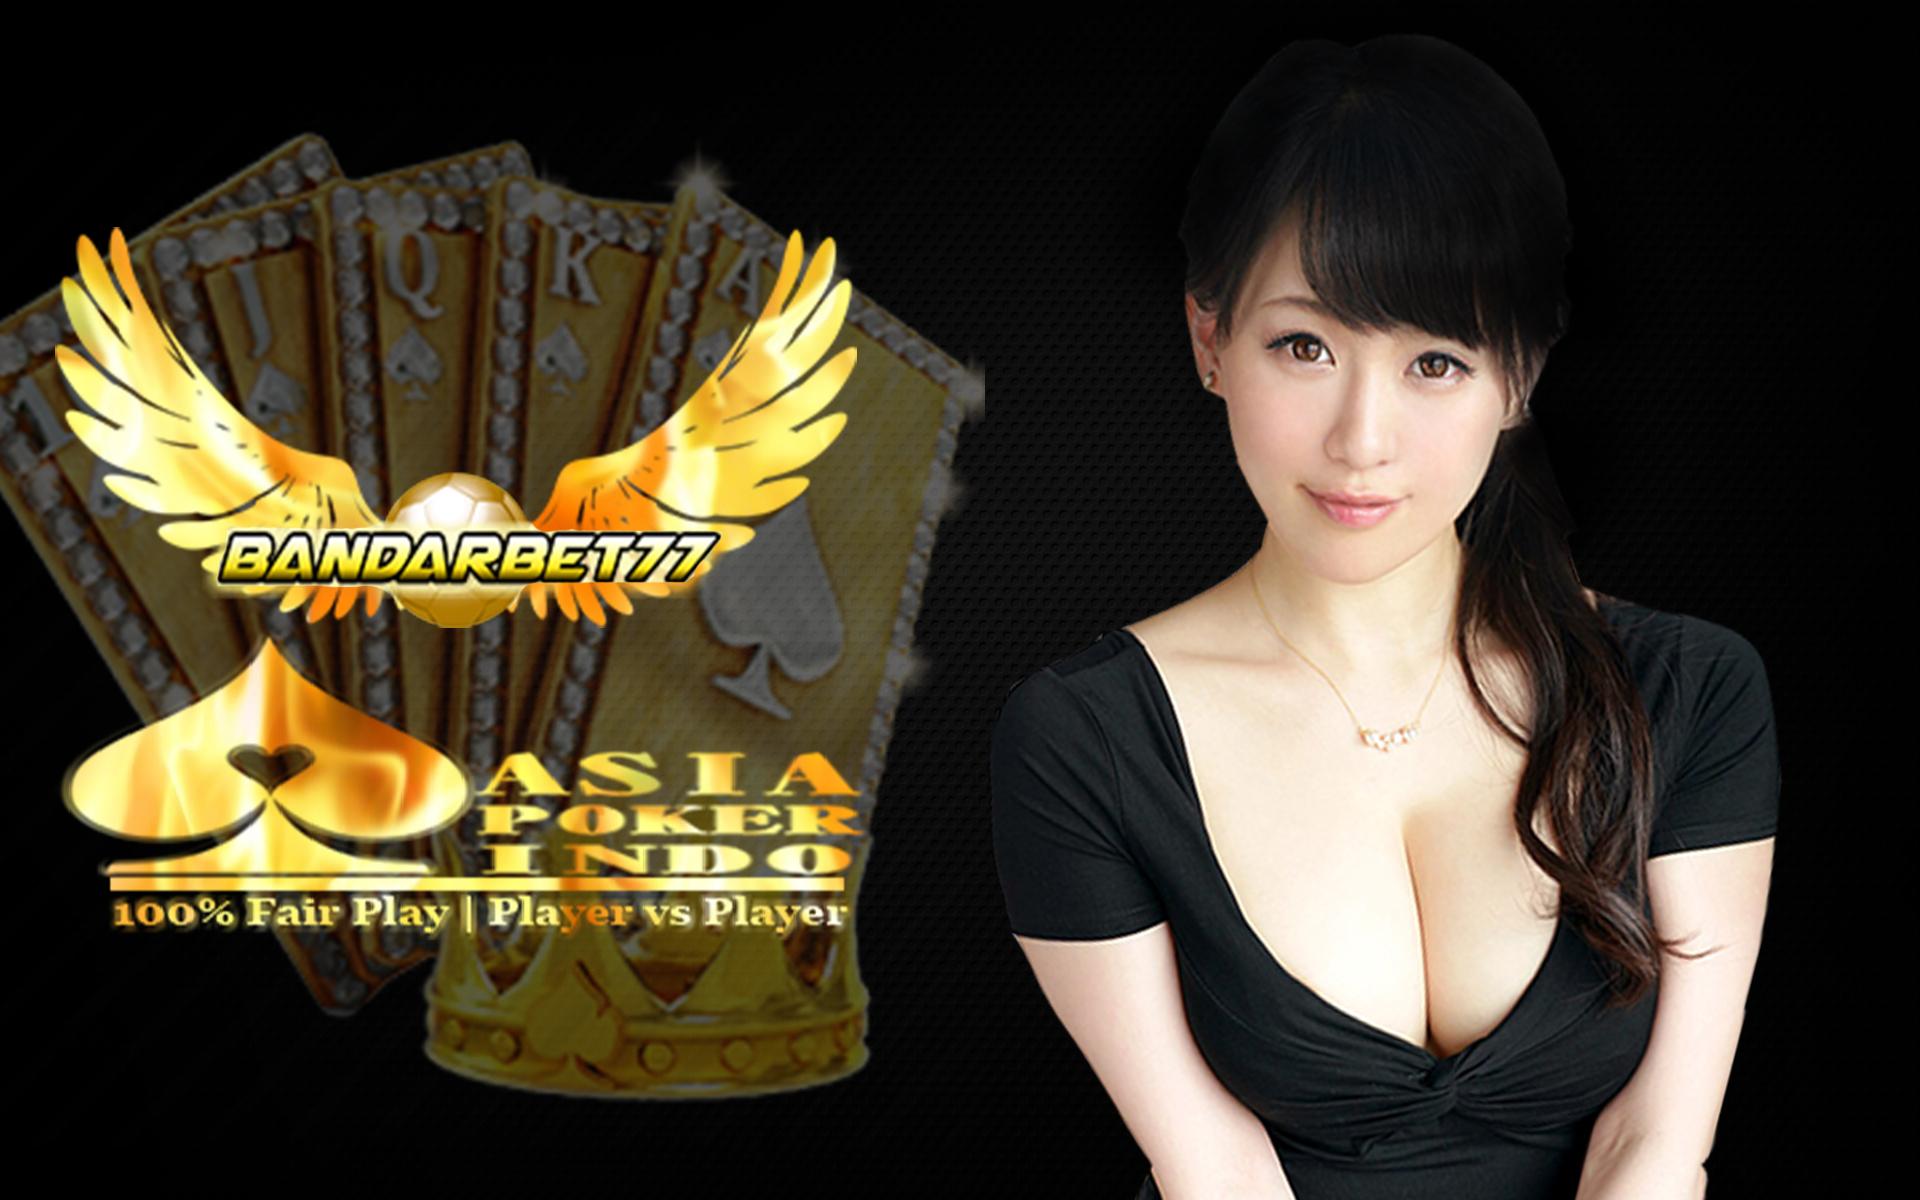 Website Poker Judi Online Terbesar Indonesia